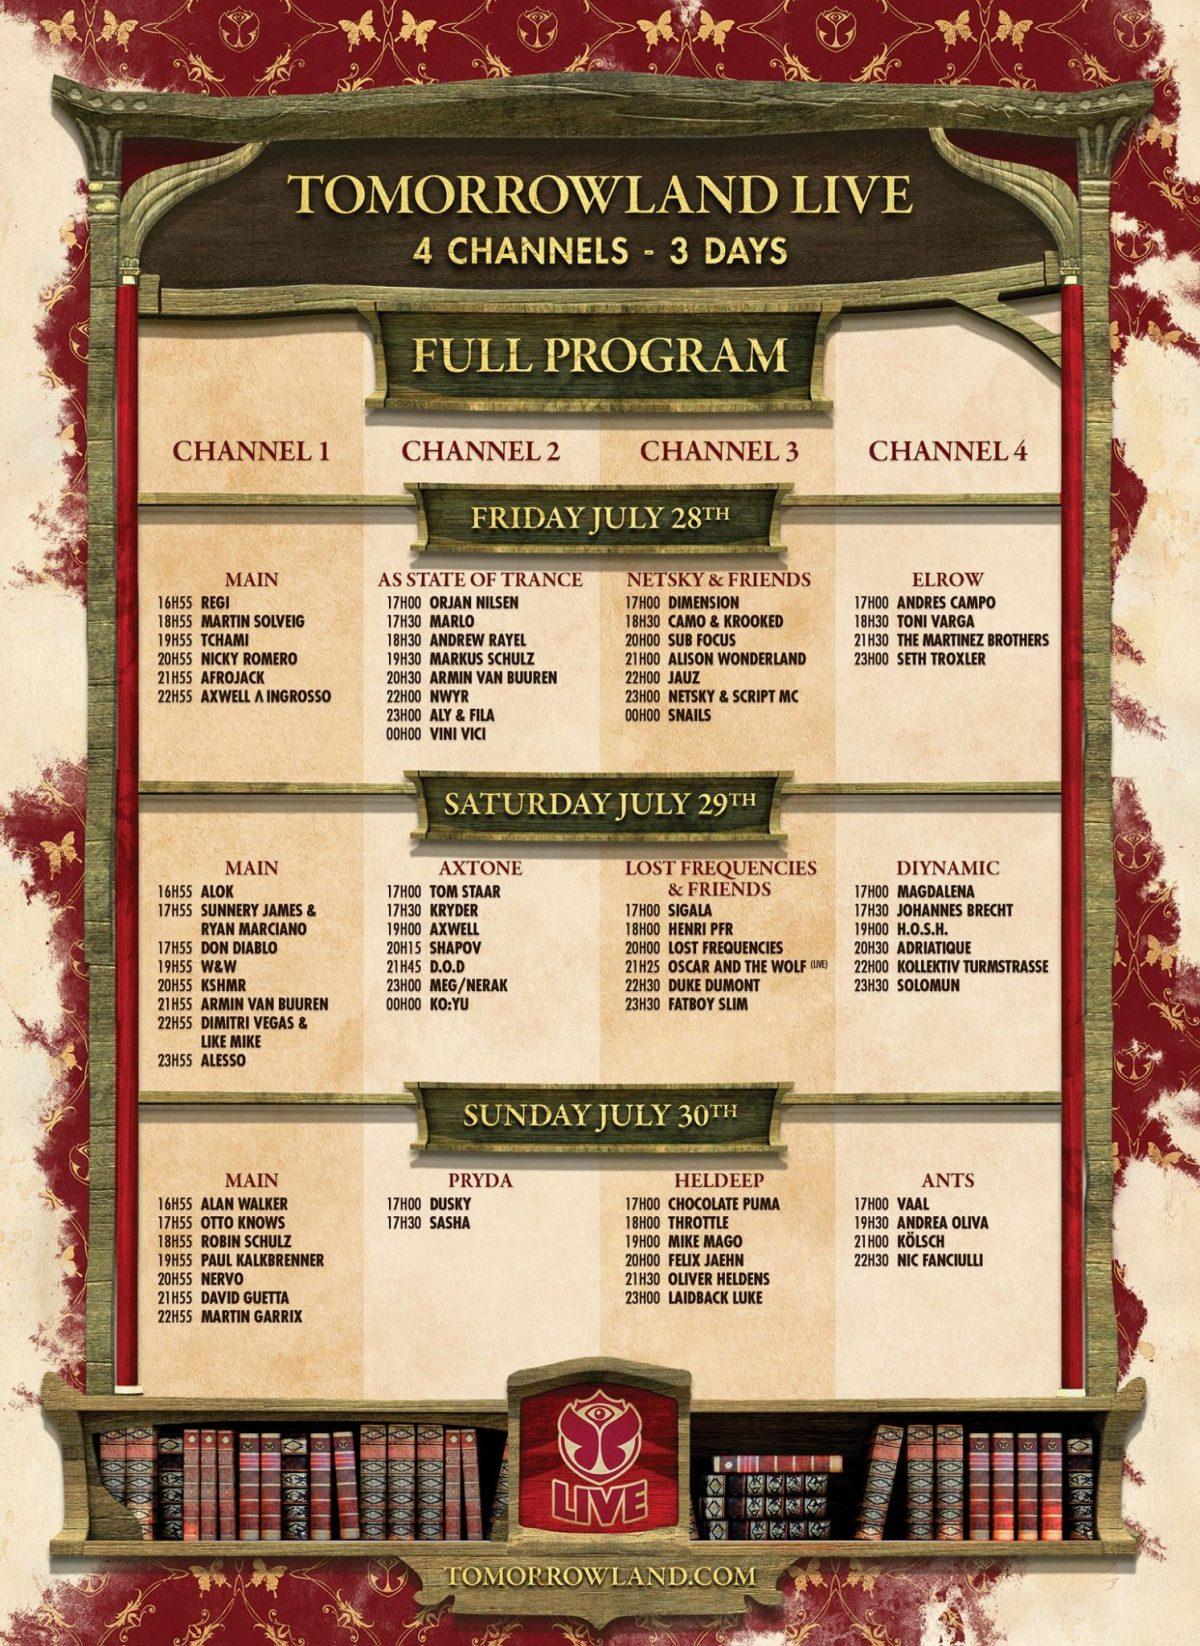 tomorrowland 2017 weekend 2 livestream schedule